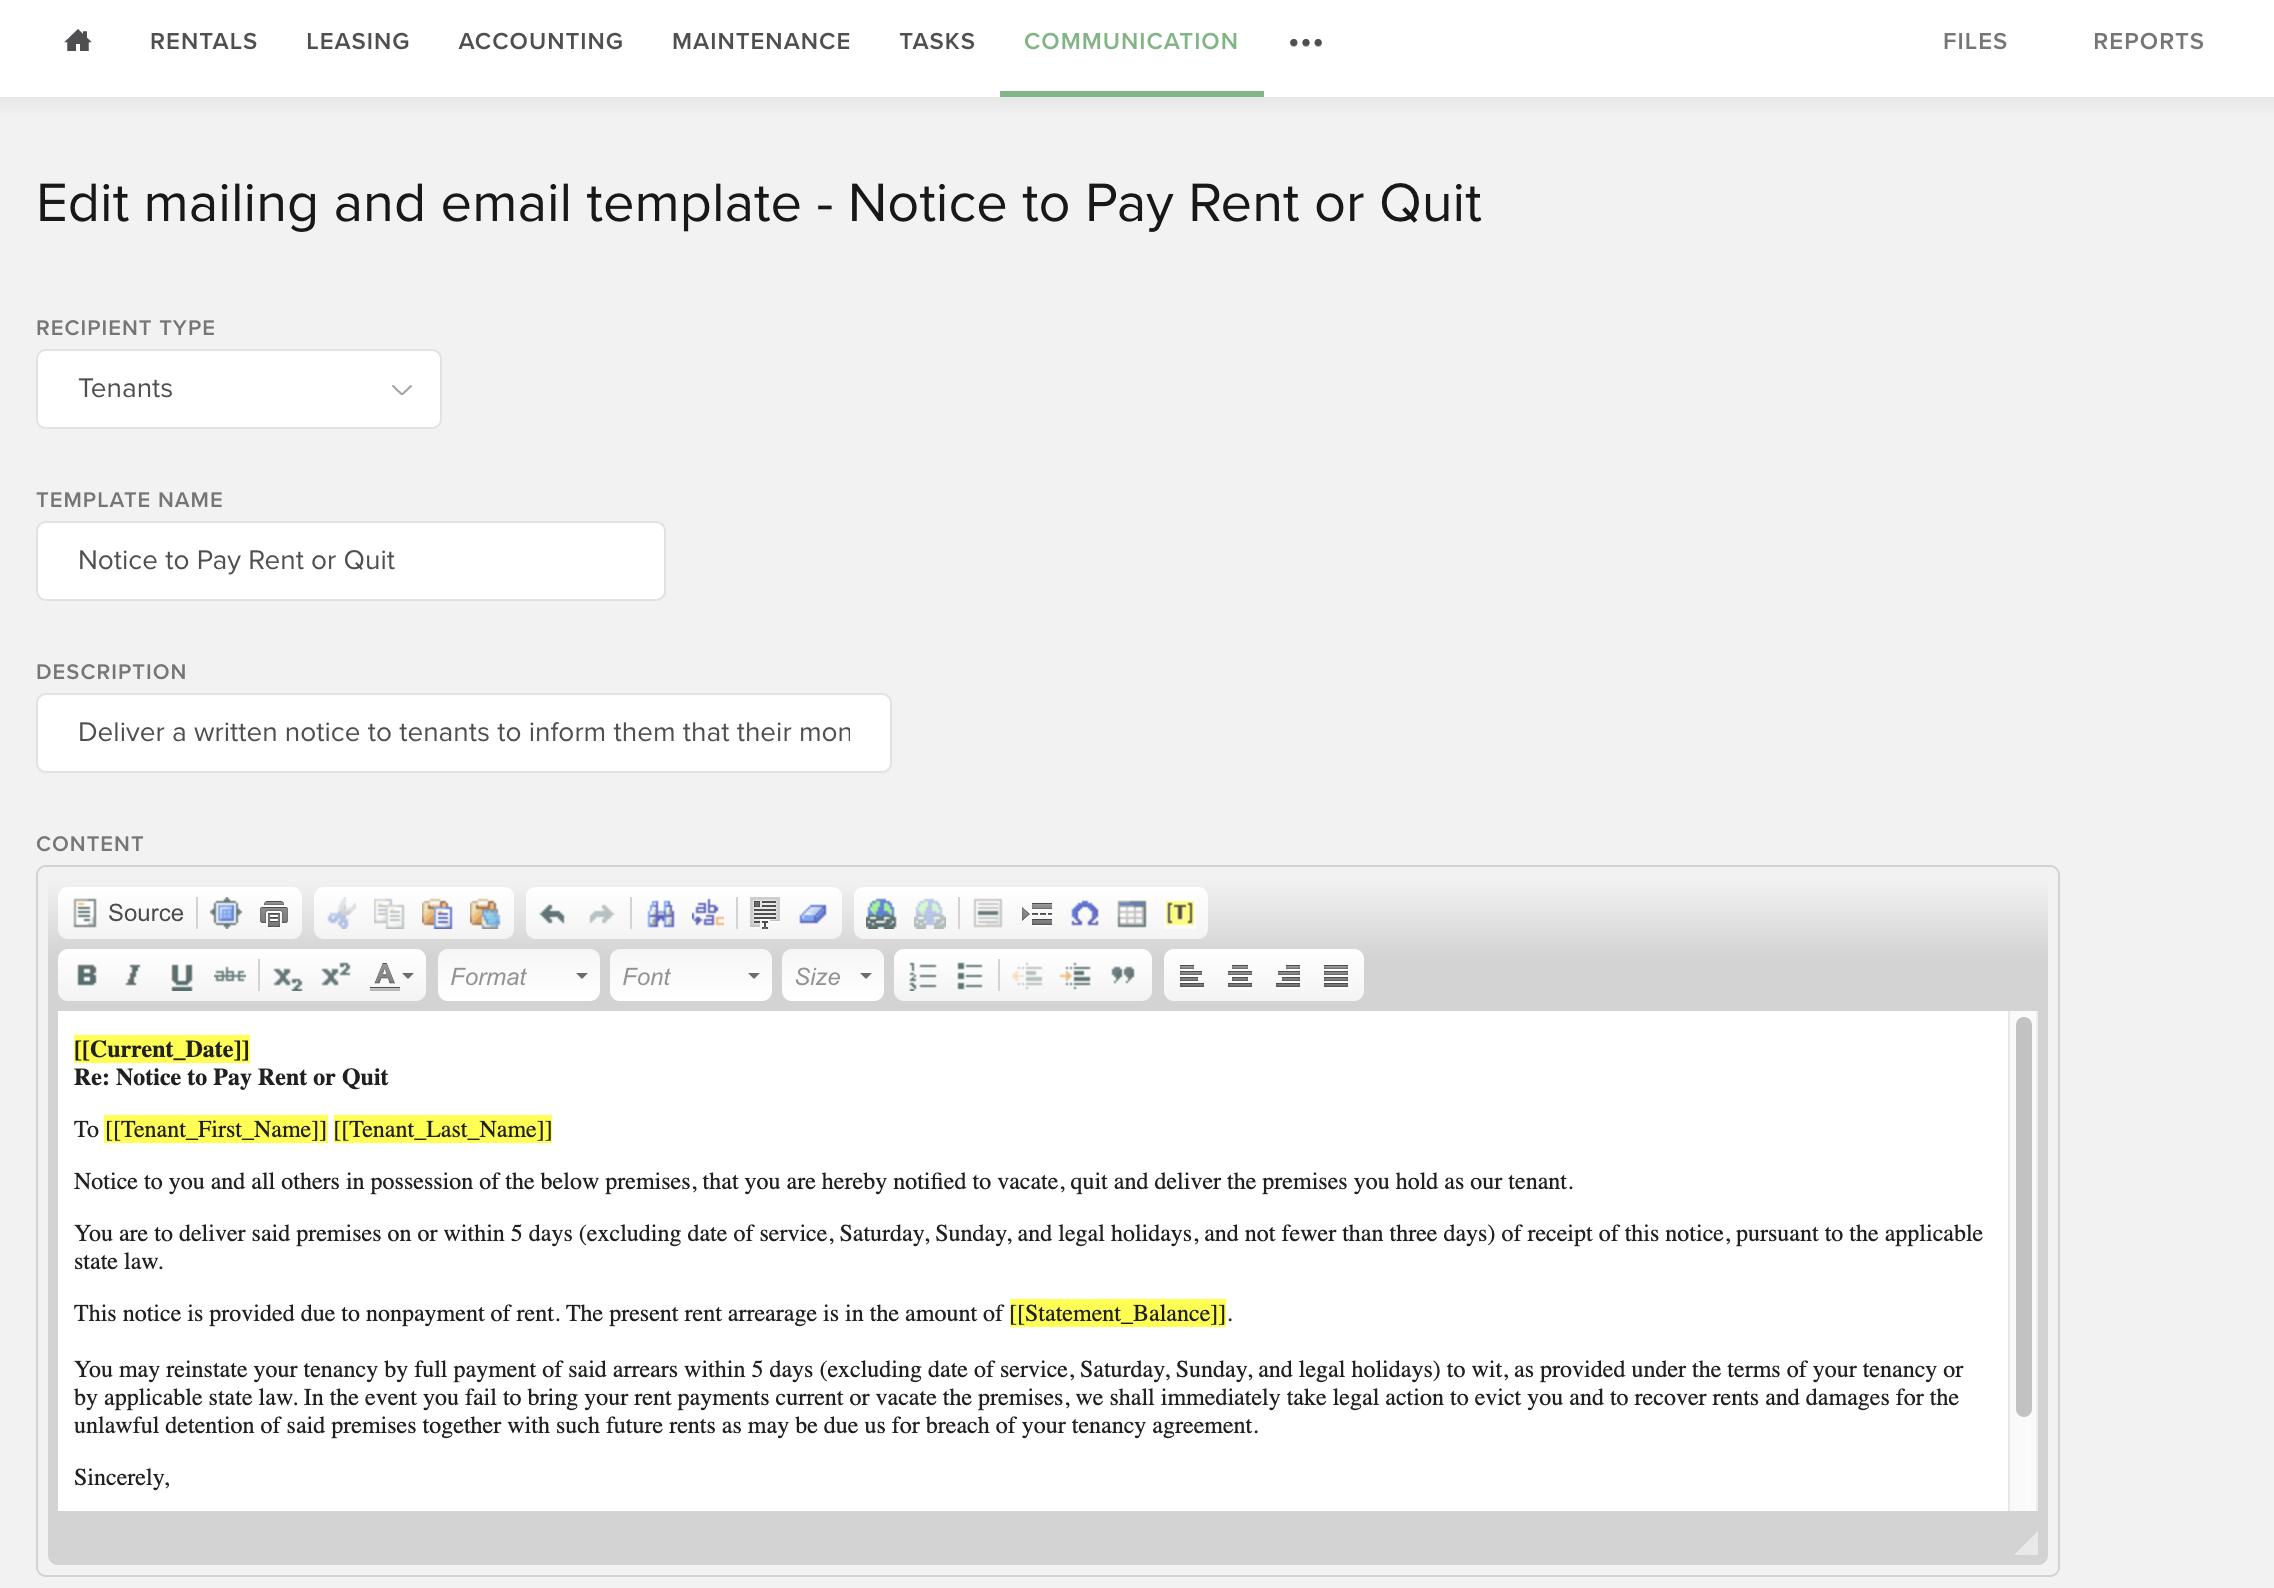 Send past due rent email notice through Buildium